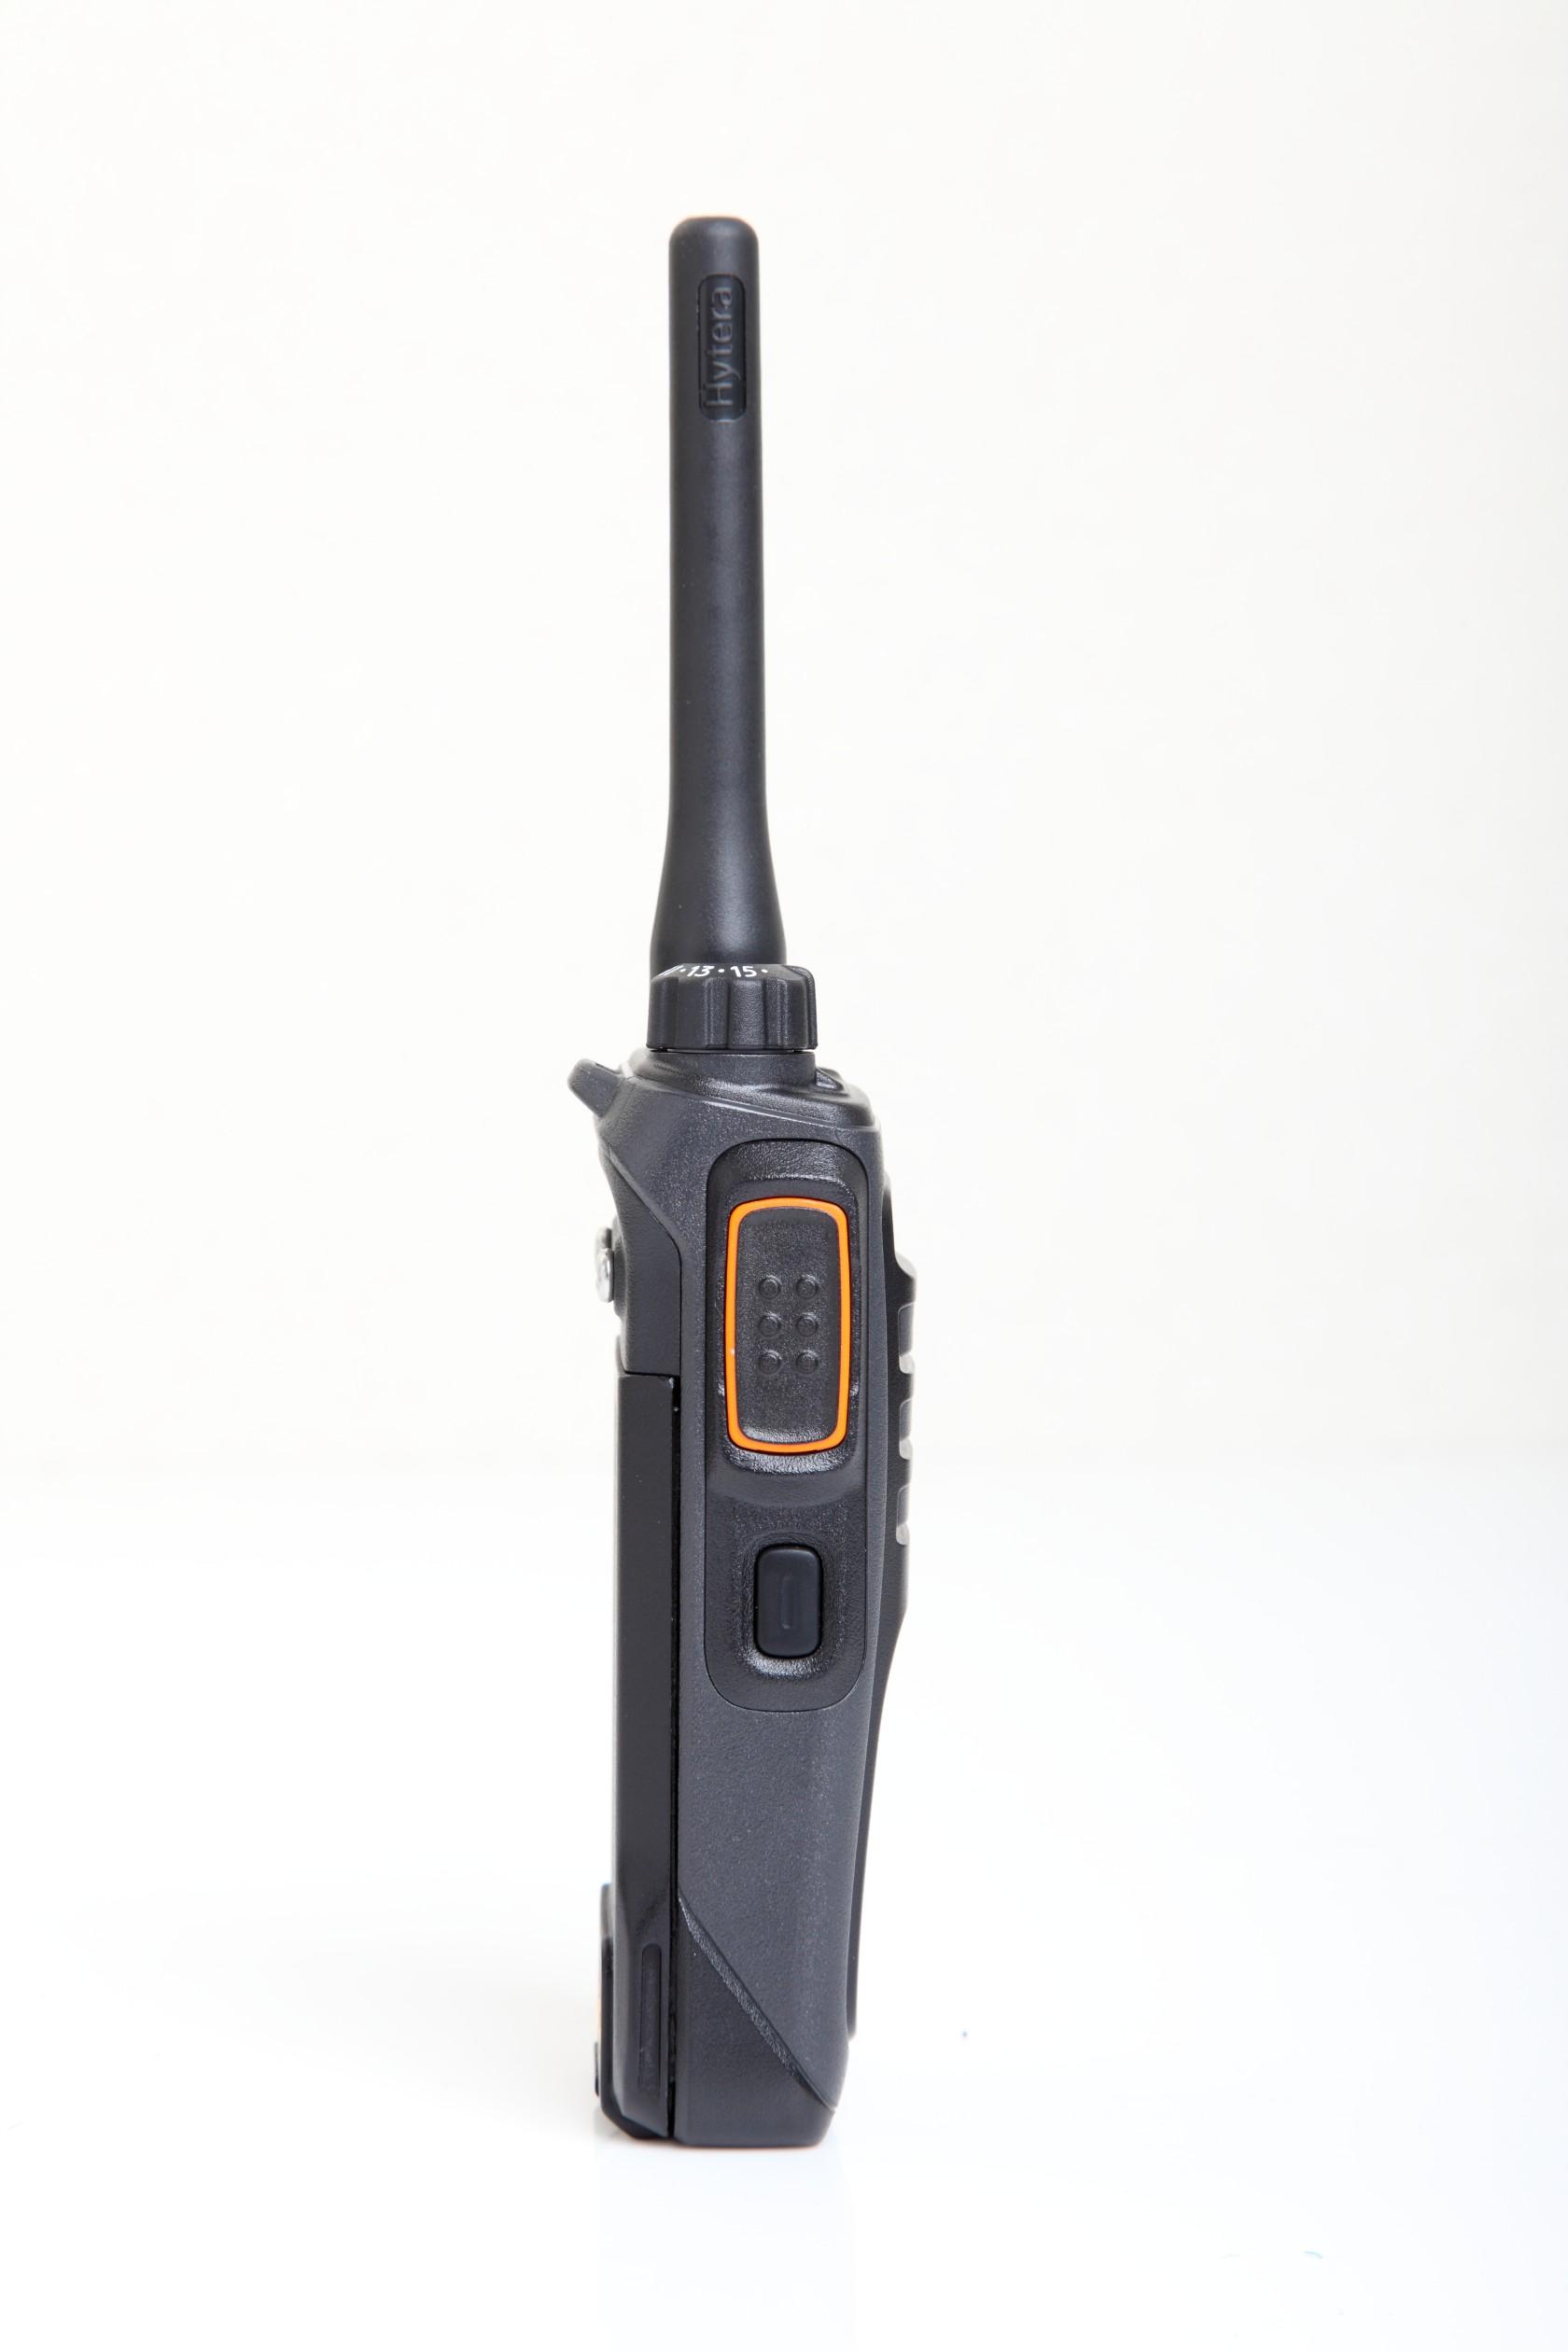 Hytera PD 505